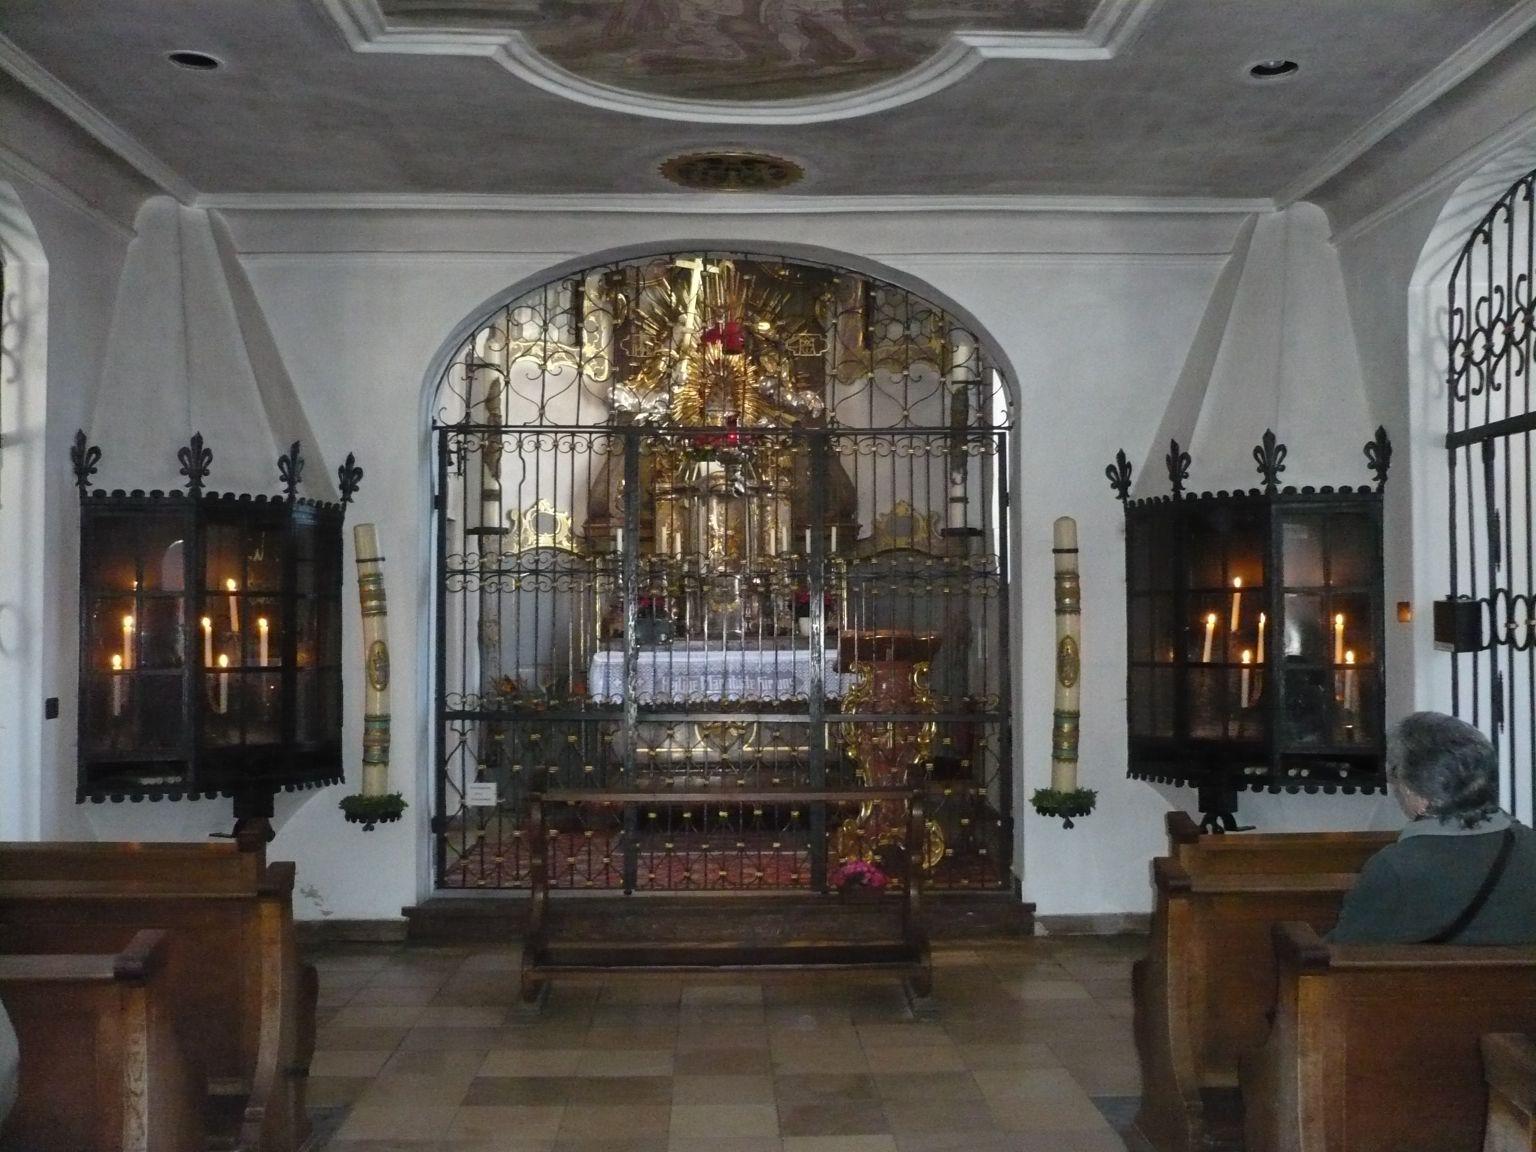 سياحة دينية ـديـــر ماريـــا آيـــش 581201535